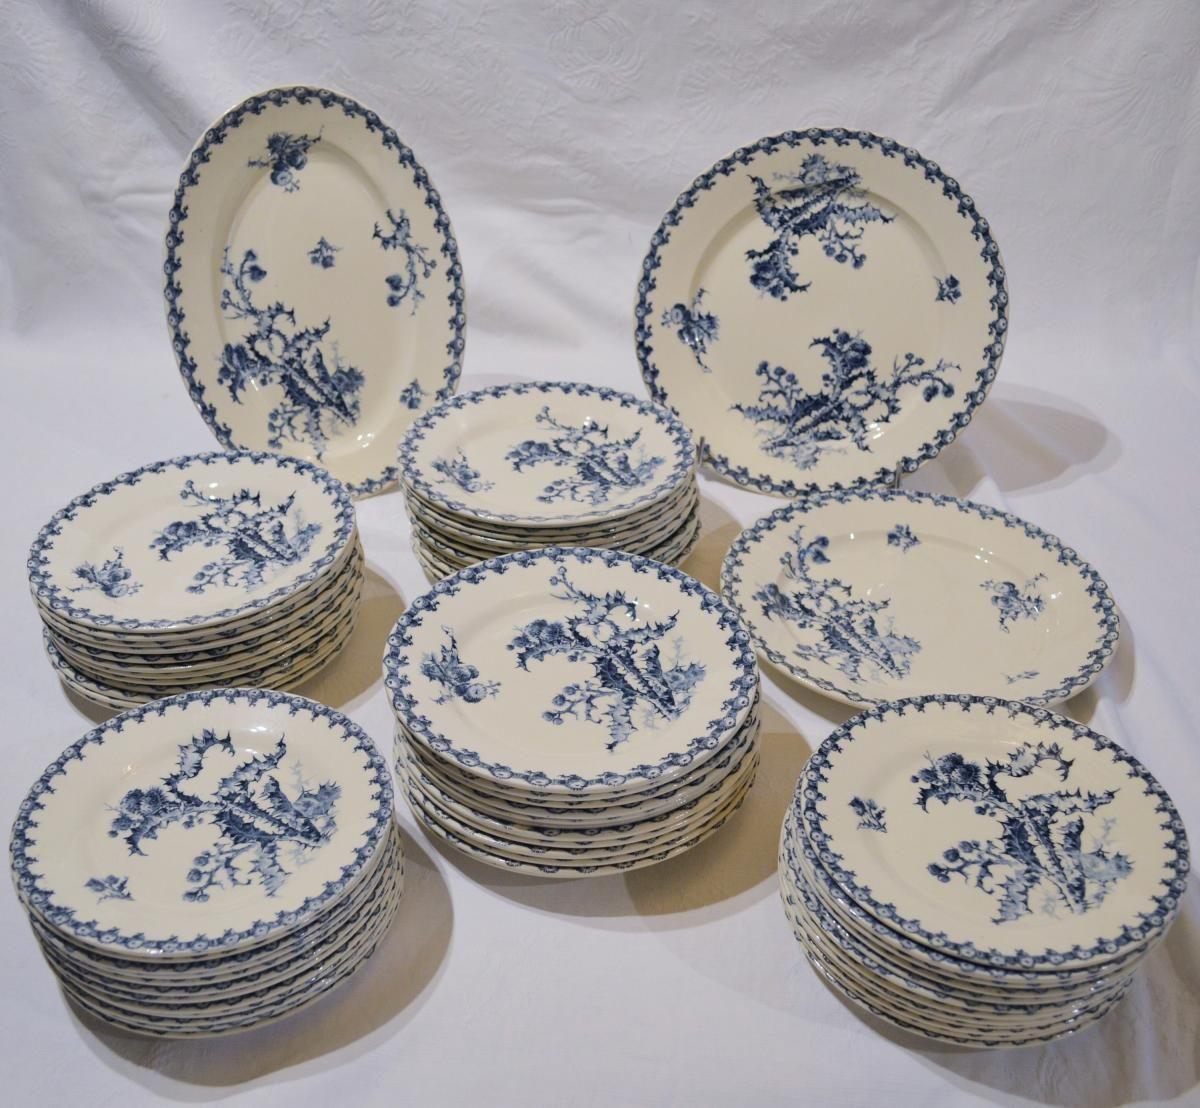 Service de table porcelaine de gien mod le chardons bleu - Service de table bleu ...